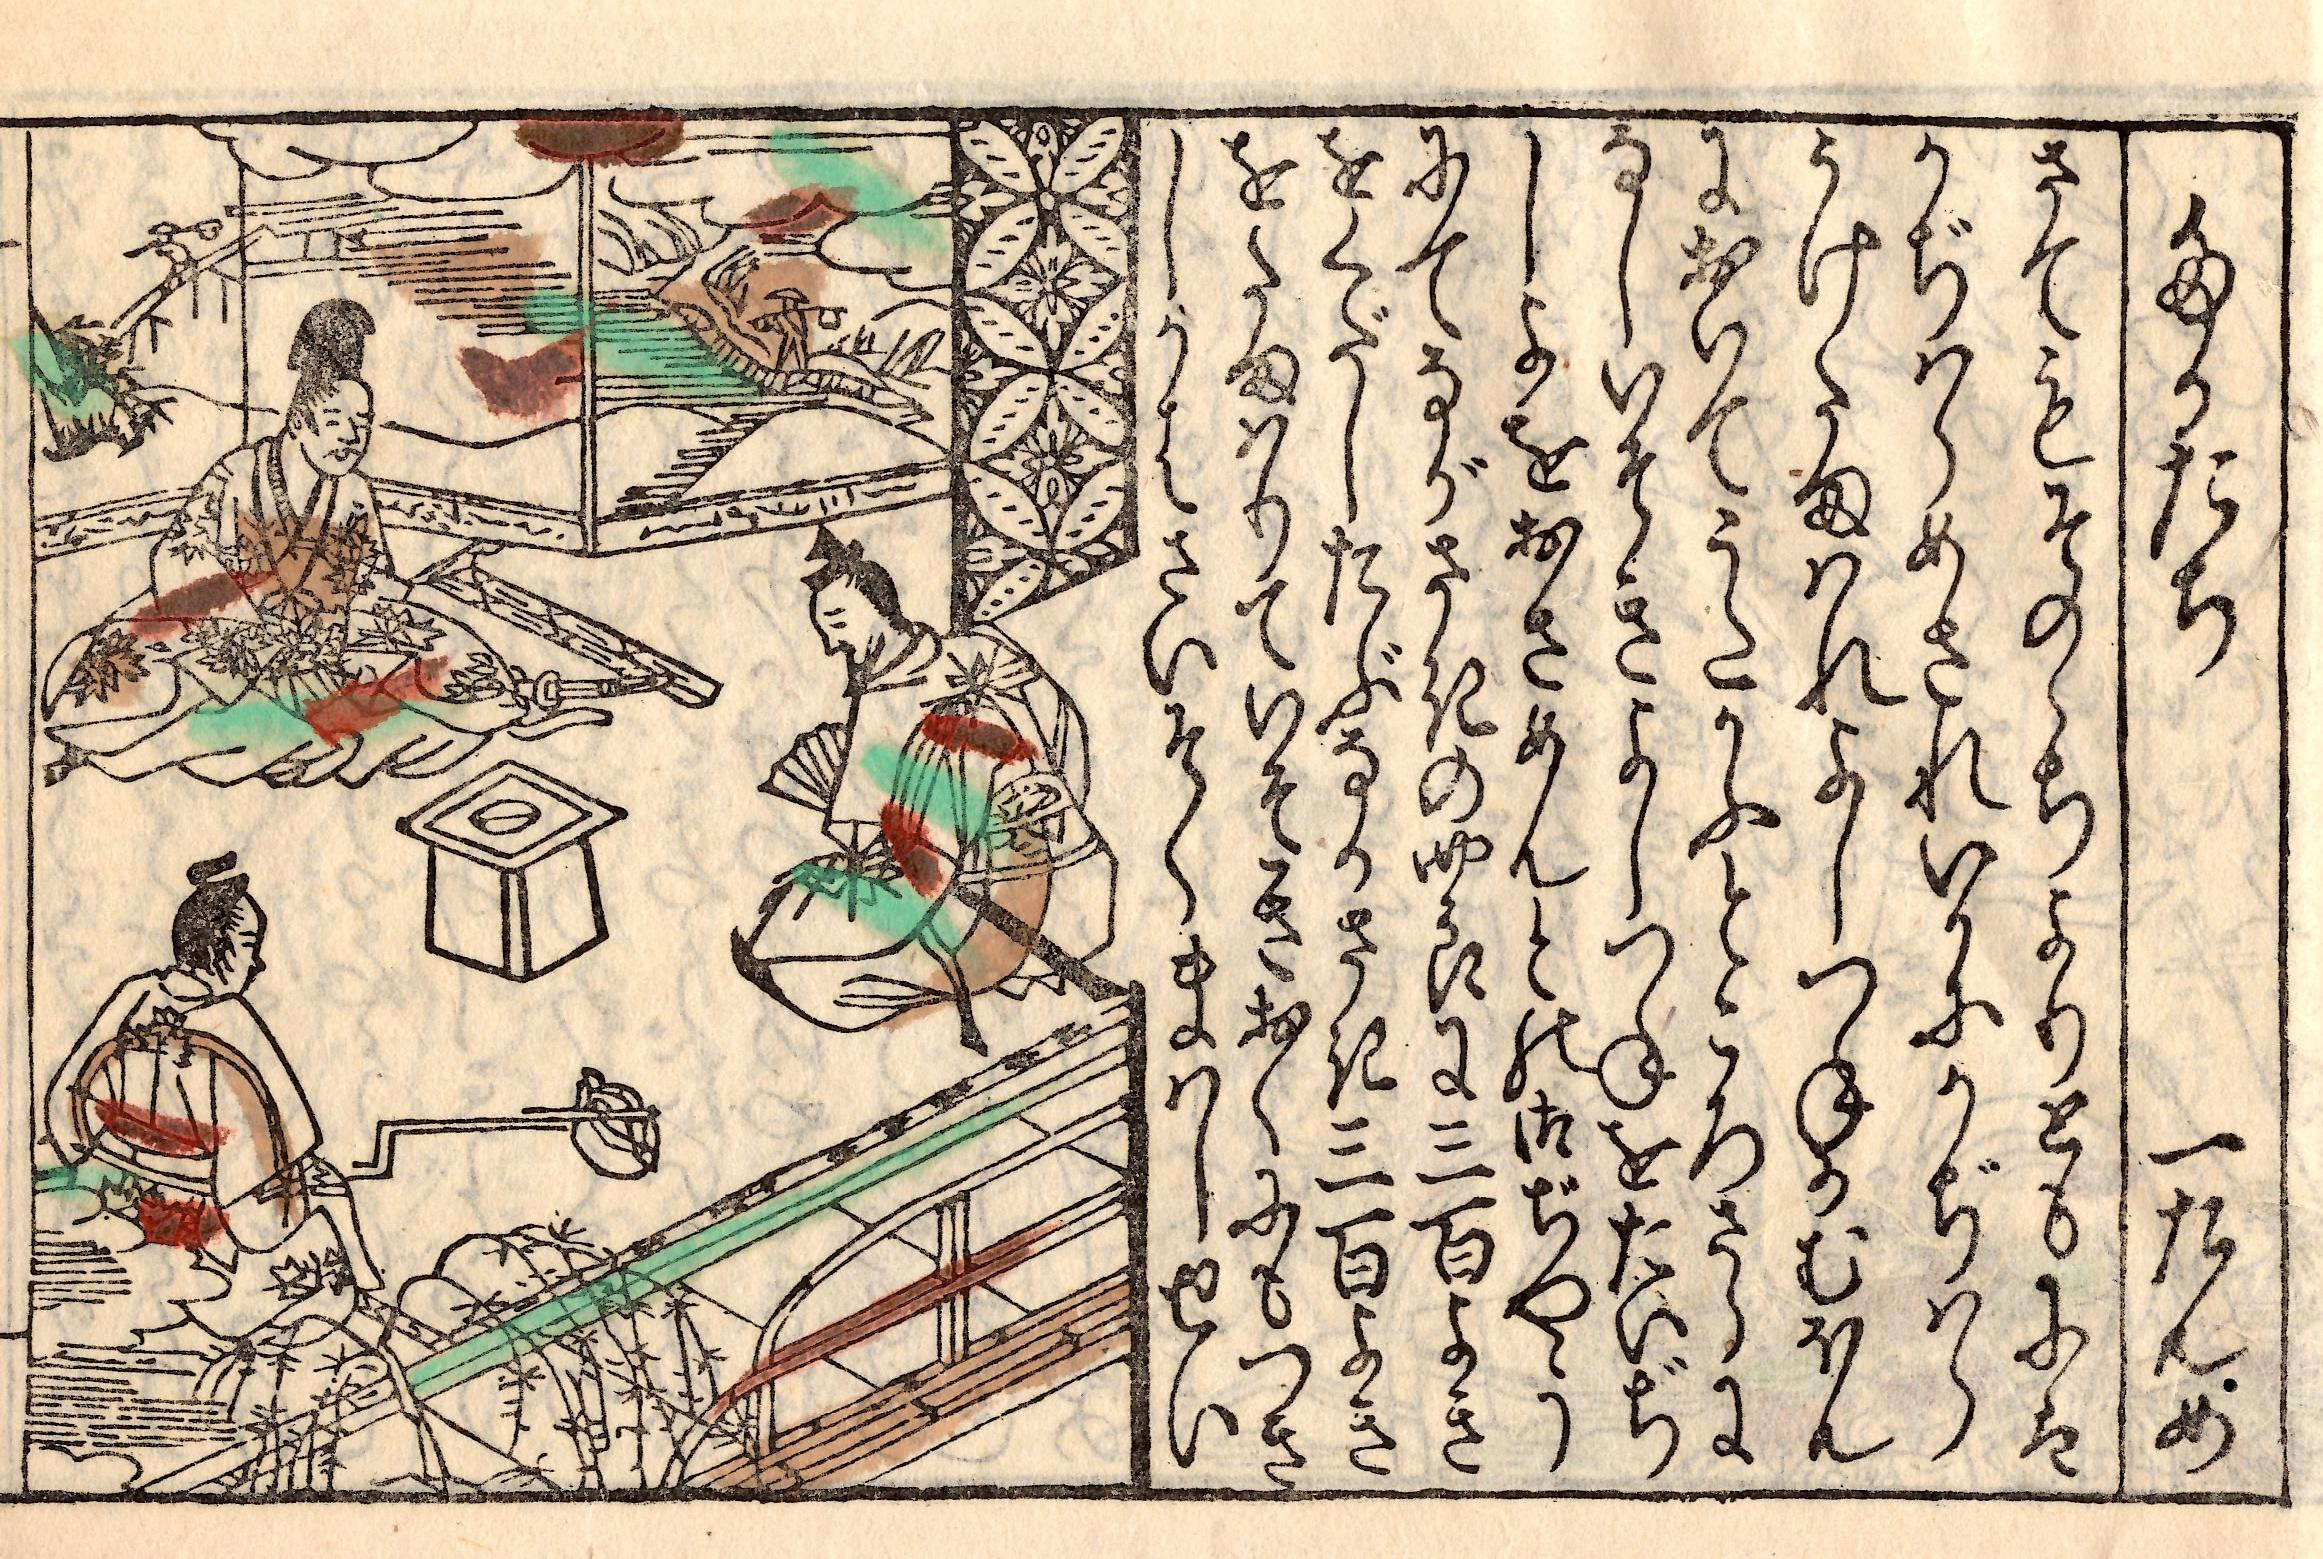 絵と語りの世界~浄瑠璃物語絵巻の魅力のイメージ